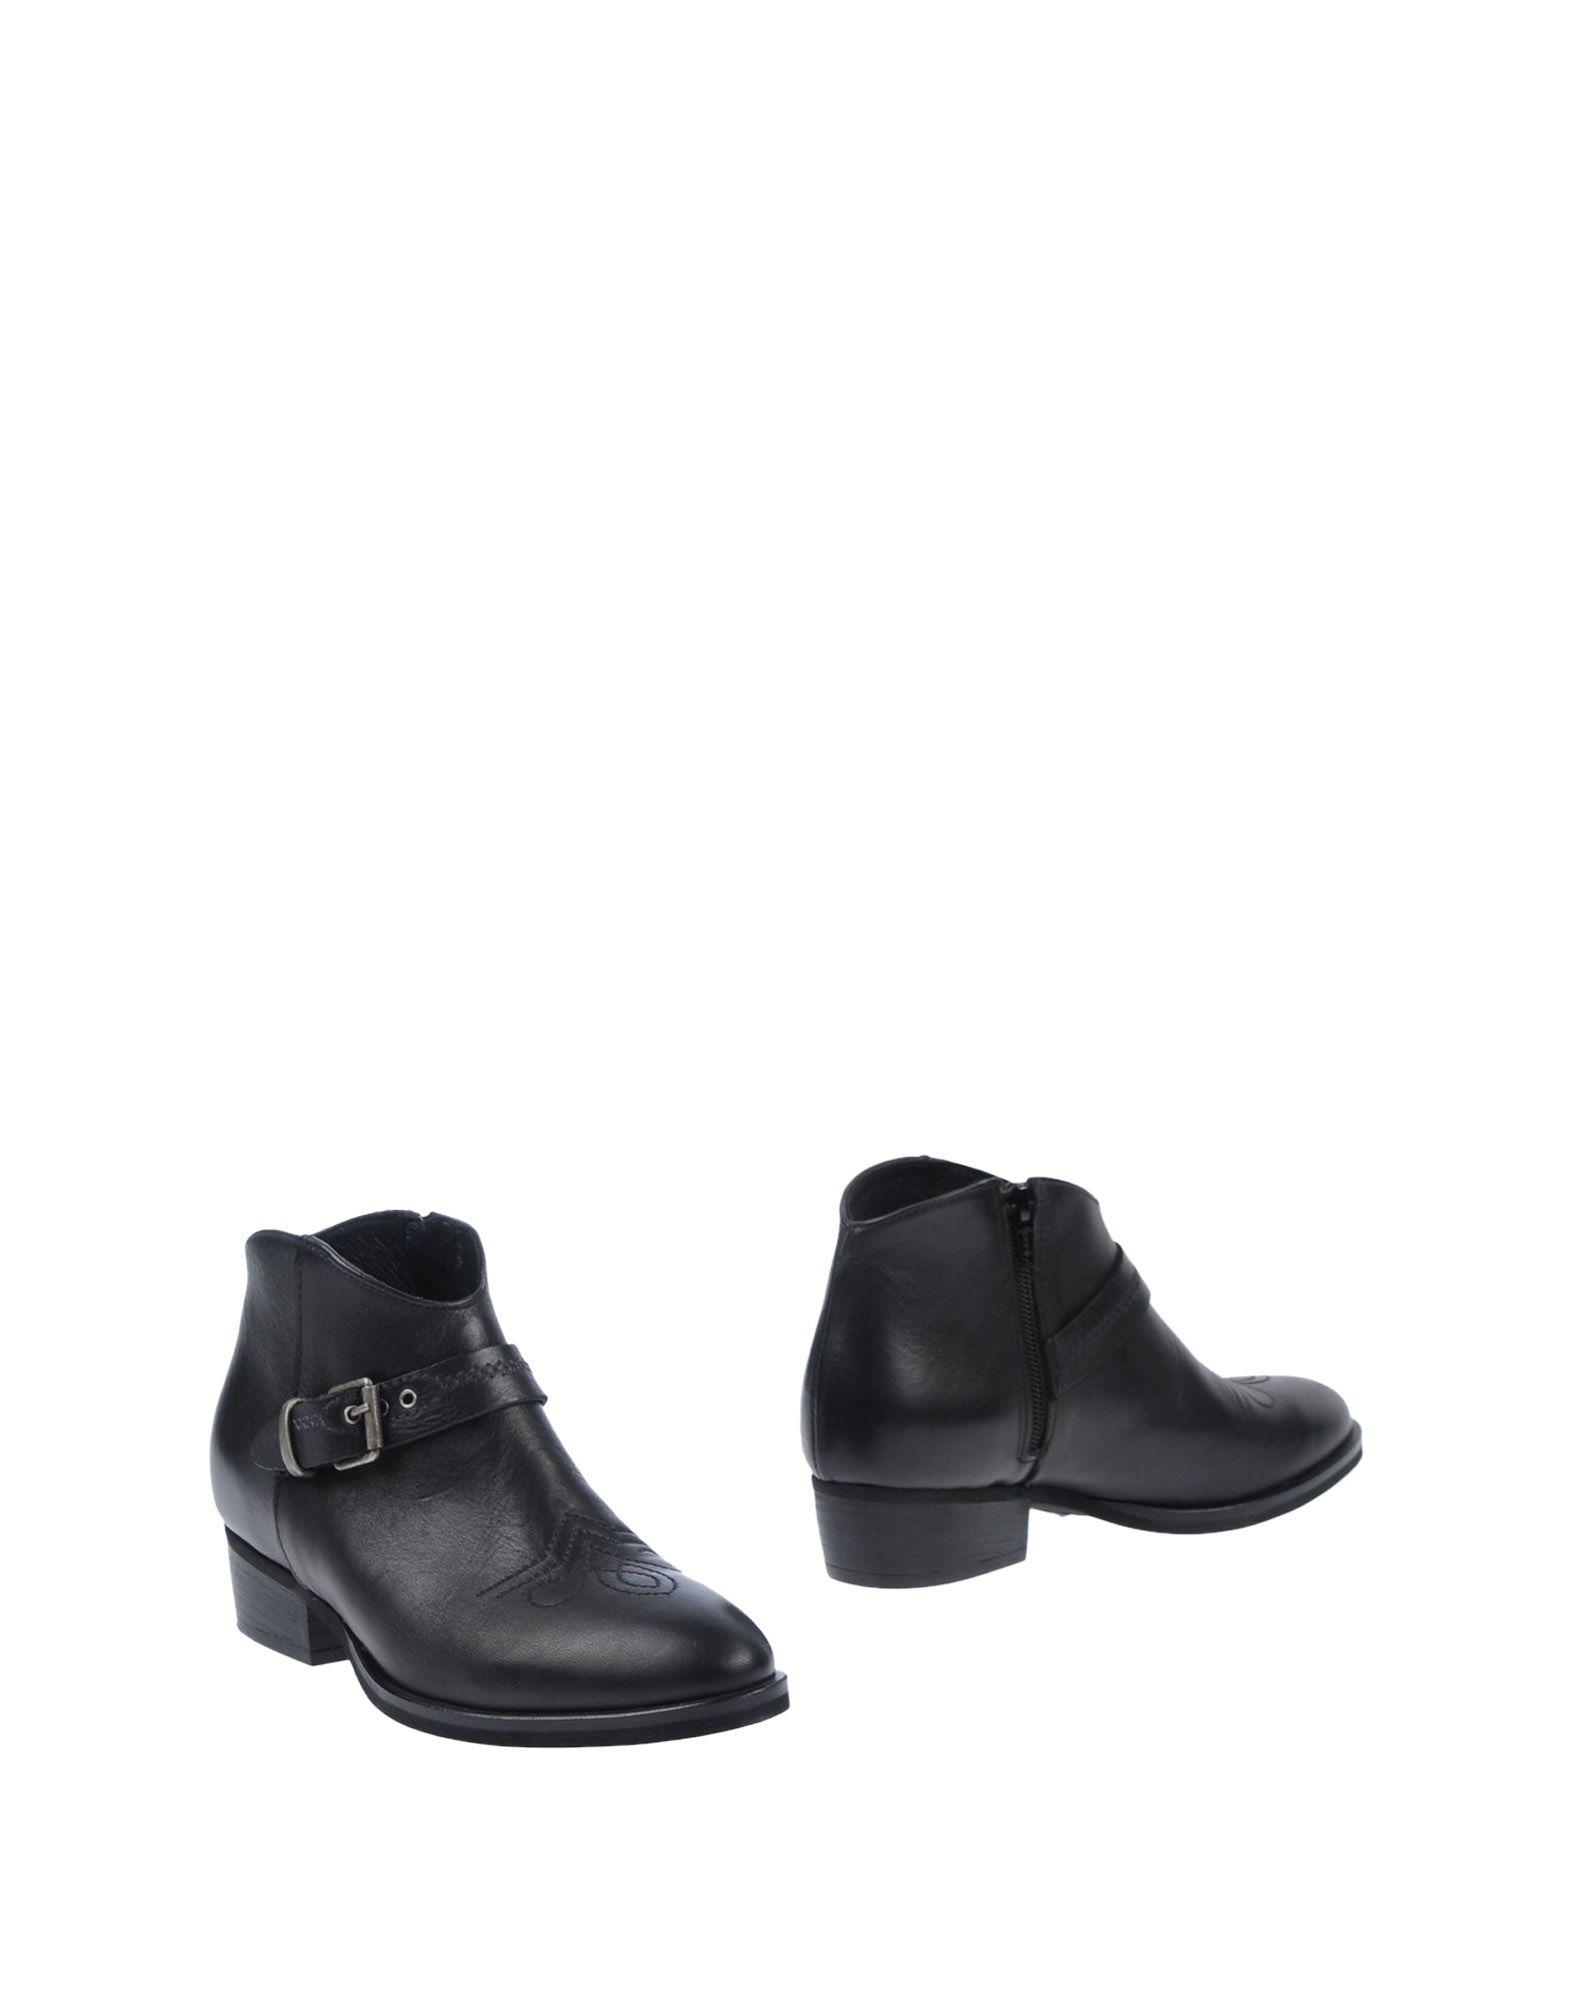 Tendenze Ankle Boot - Women Tendenze  Ankle Boots online on  Tendenze Australia - 11506912KV b2ba49